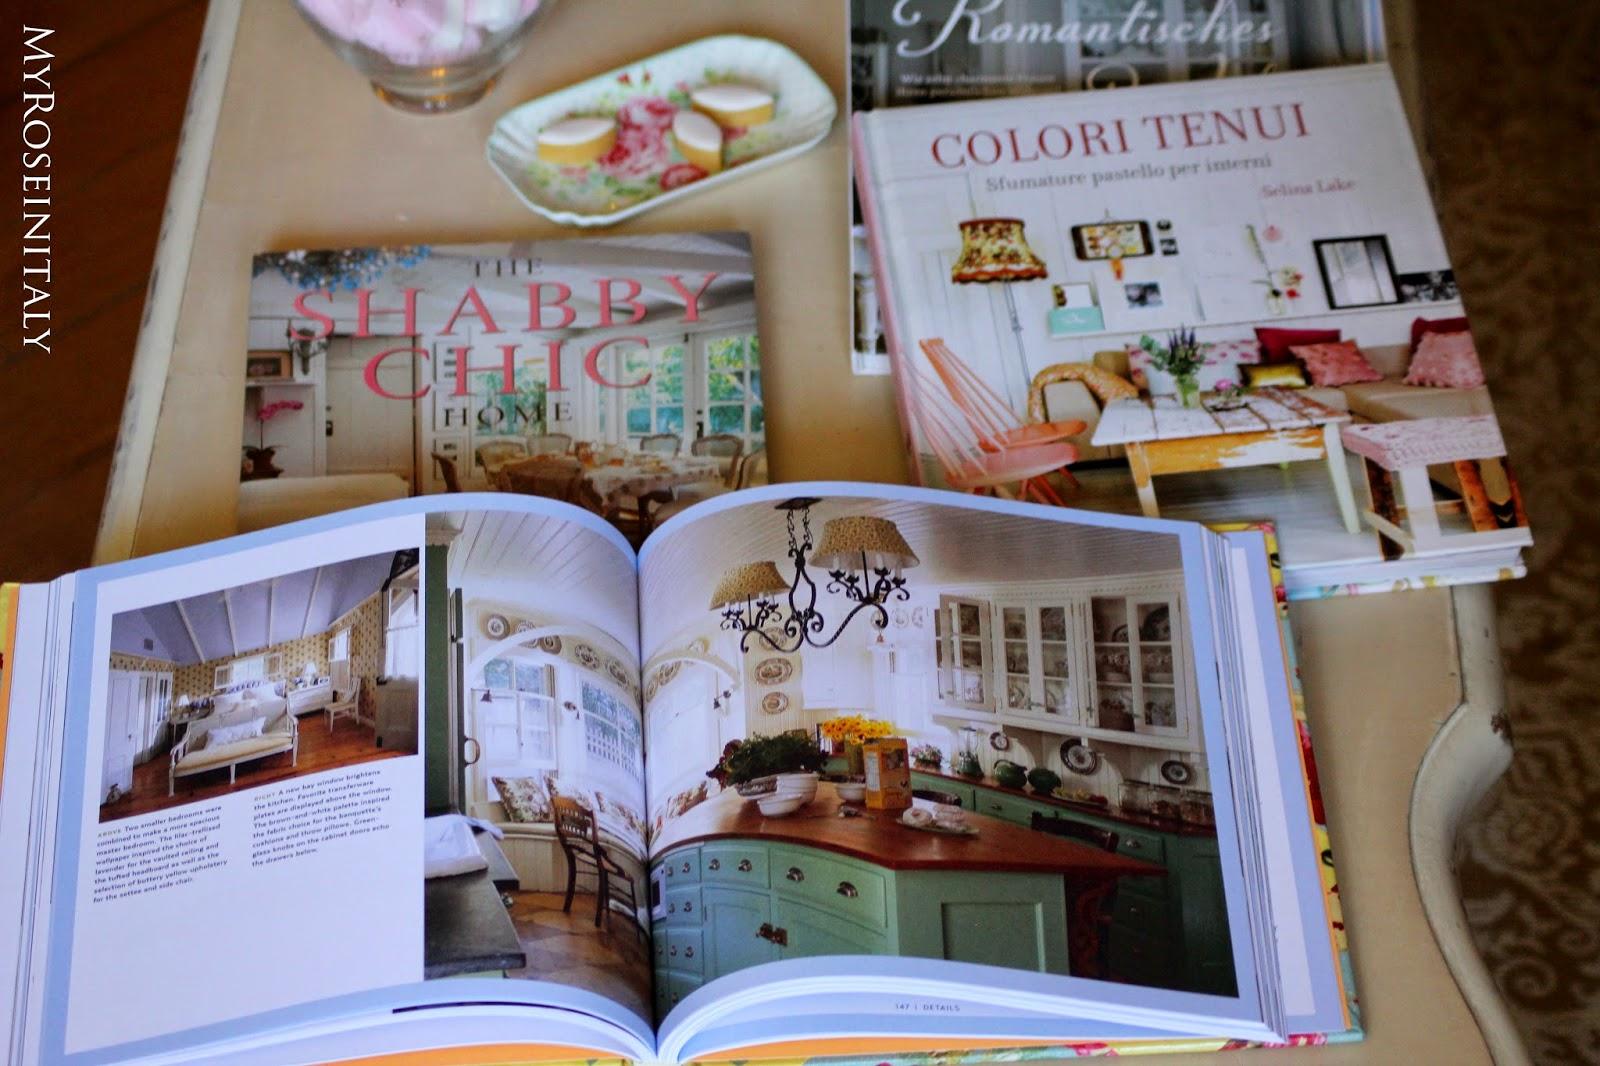 my roseinitaly: libri di arredamento - Arredare Casa Libri